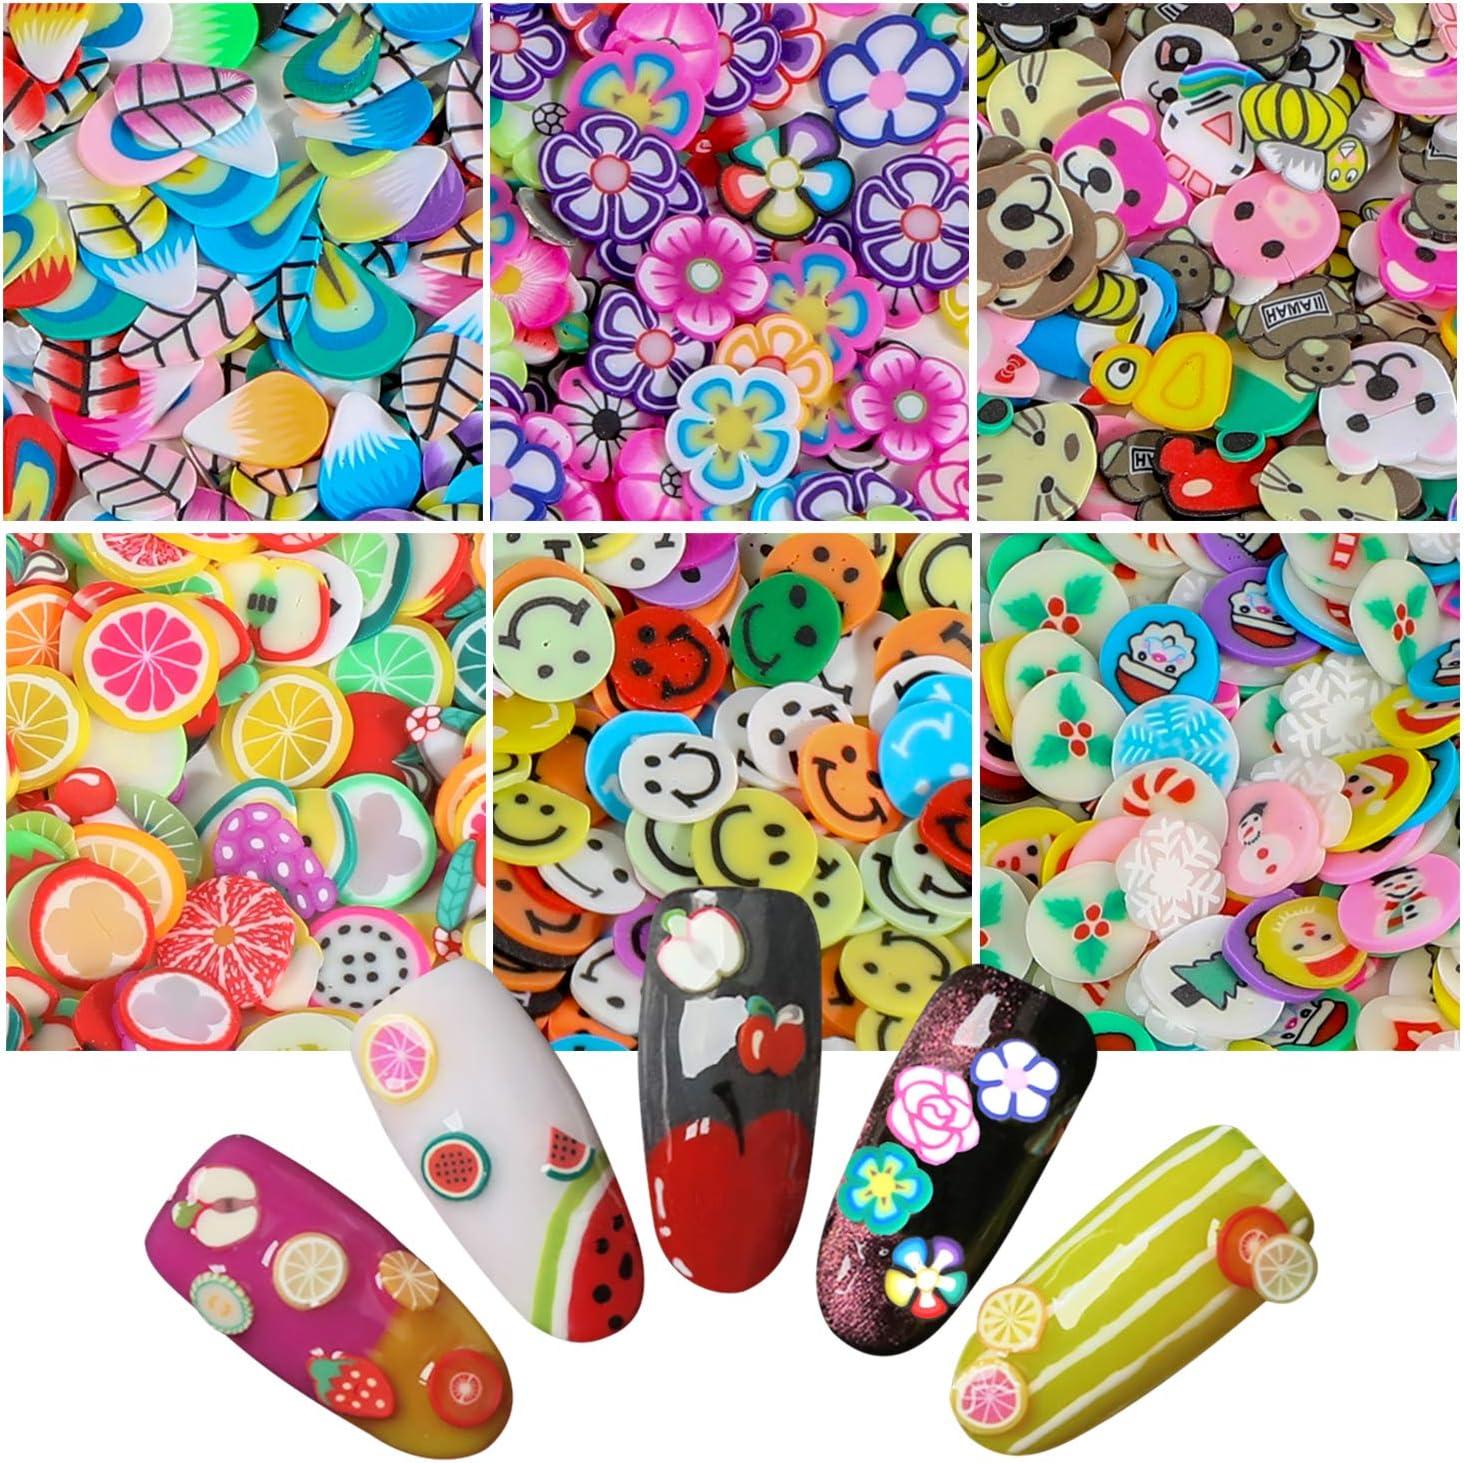 3000 Piezas 3D Uñas Frutas Rodajas Cerámica Suave Pegatinas Calcomanías,MWOOT DIY Diseño de Rodajas de Uñas Nail Art Decals Stickers para UV Gel Acrylic Arte Decoración